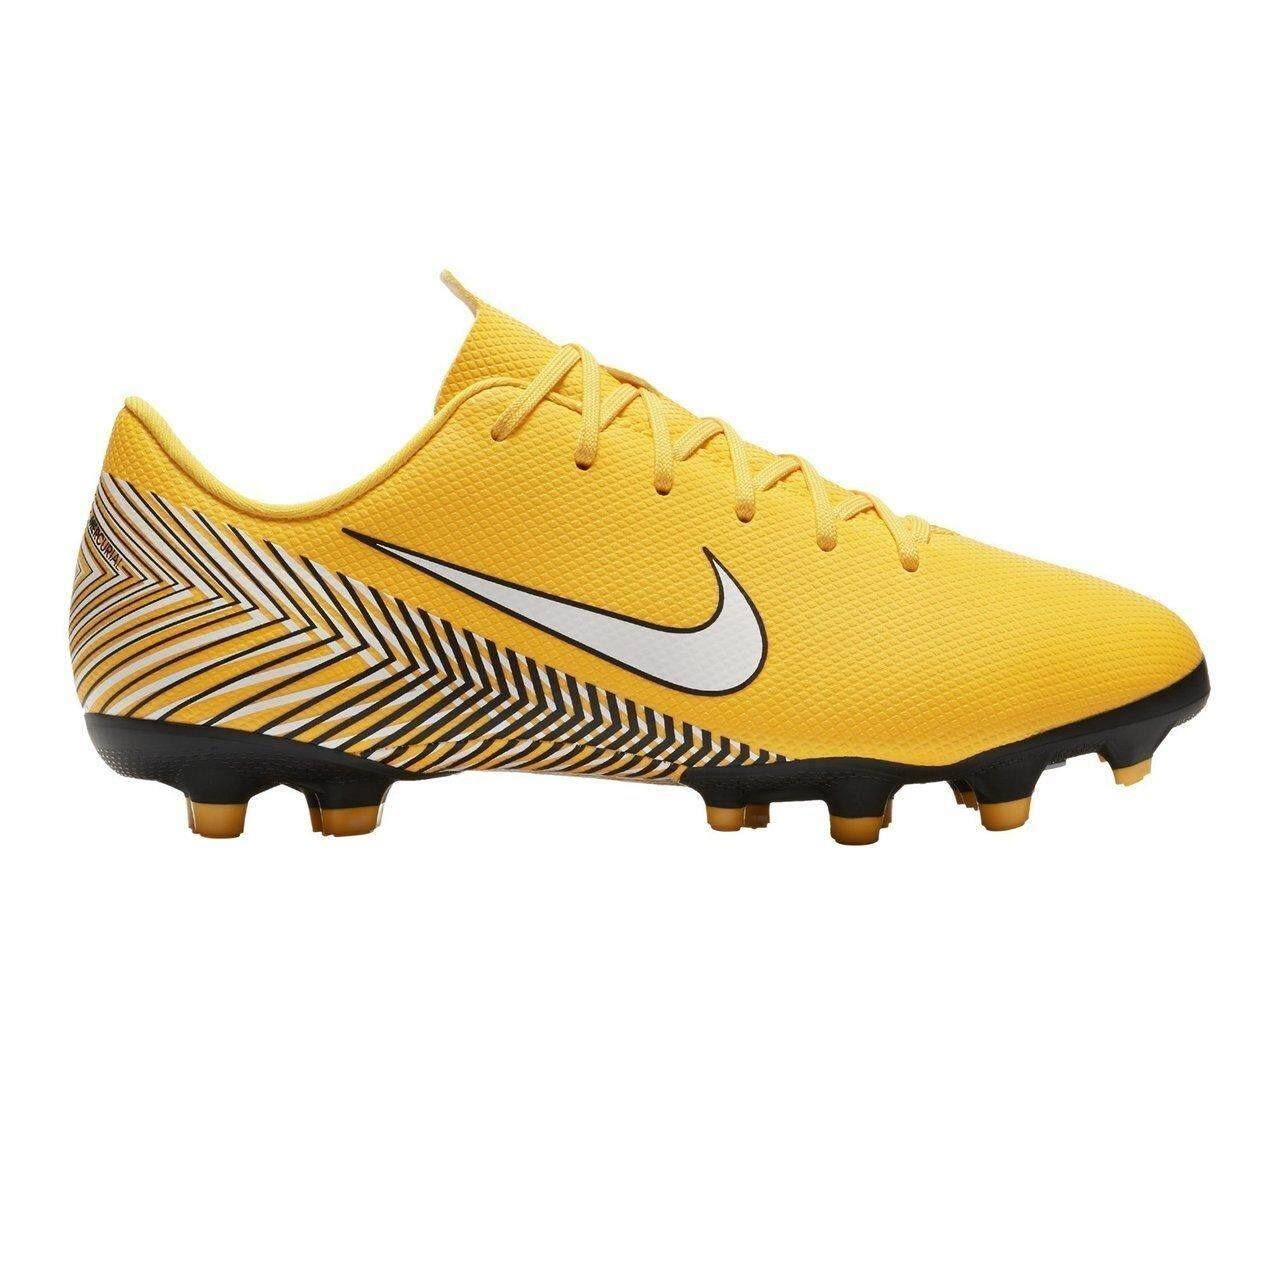 รองเท้าเด็ก ไนกี้ รุ่น V A P O R 12 Academy Gs Njr Fg/mg รุ่นรองบ๊วย (สีเหลือง) By Sportshoeonsale.